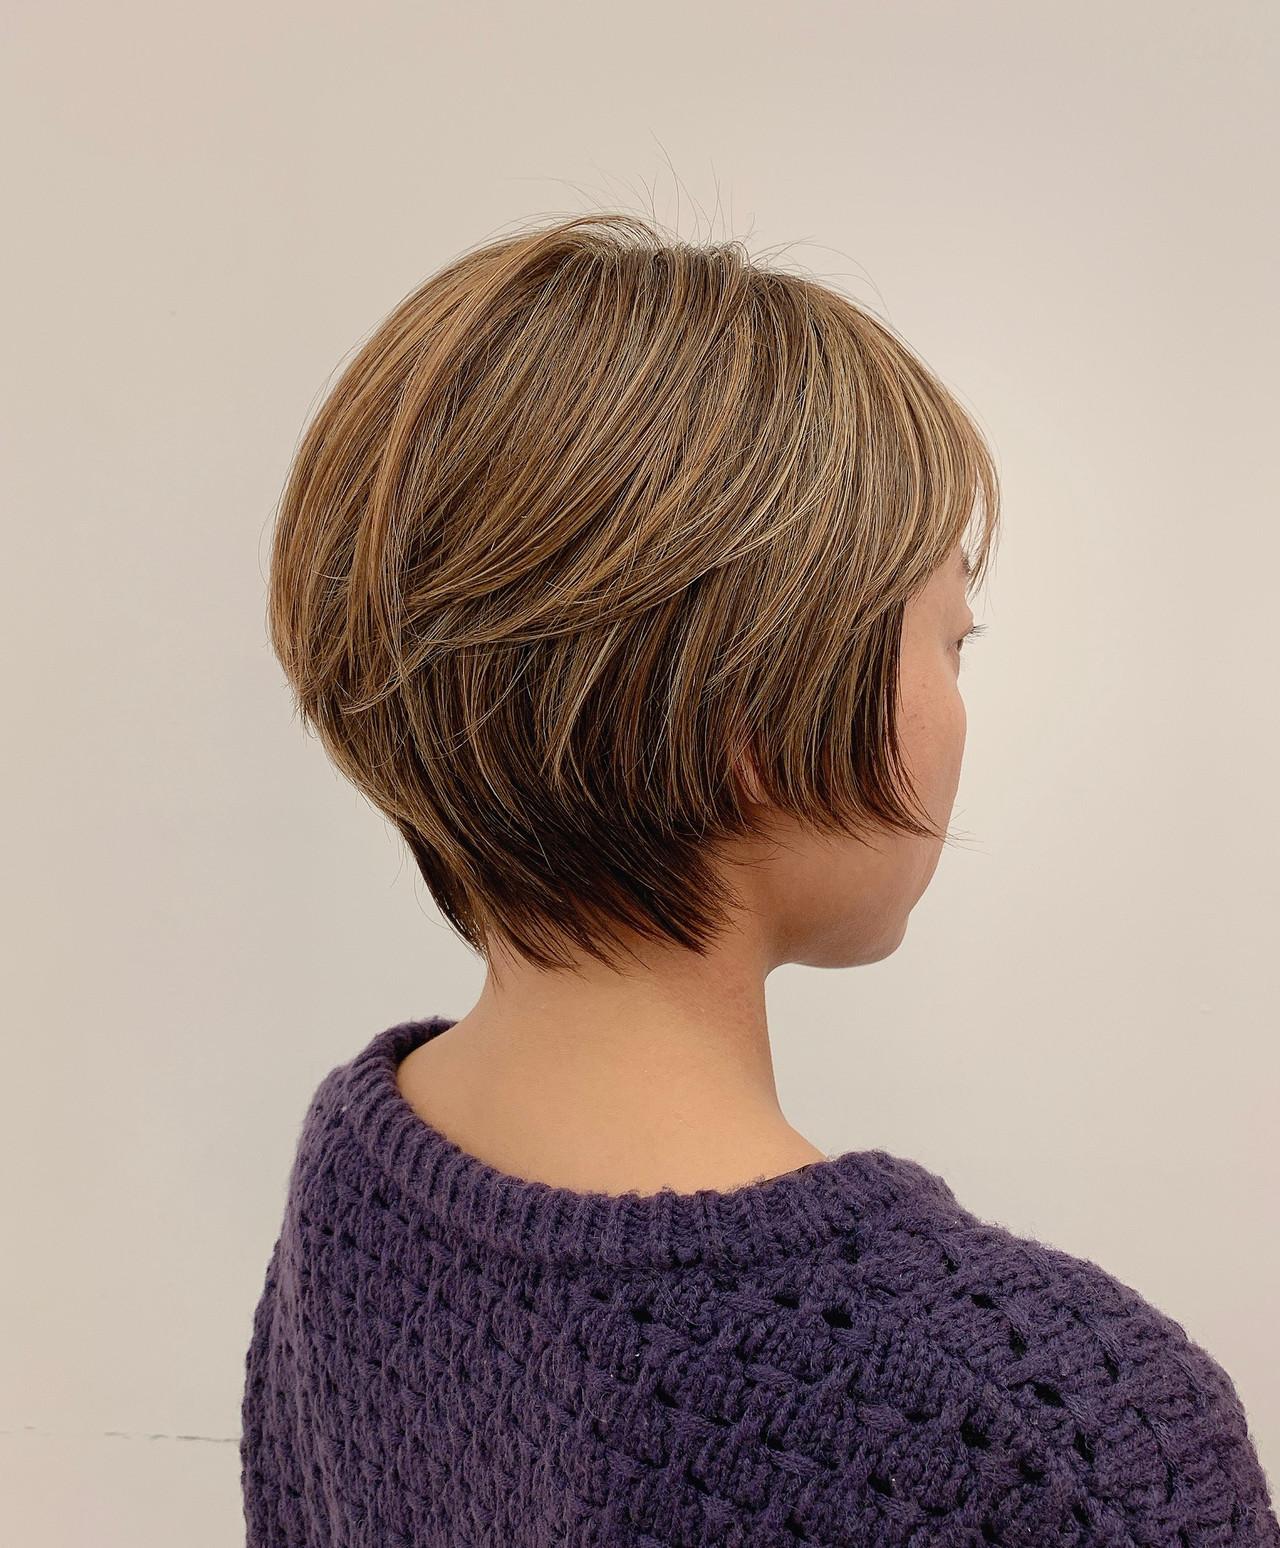 ナチュラル ショート 抜け感 簡単スタイリングヘアスタイルや髪型の写真・画像